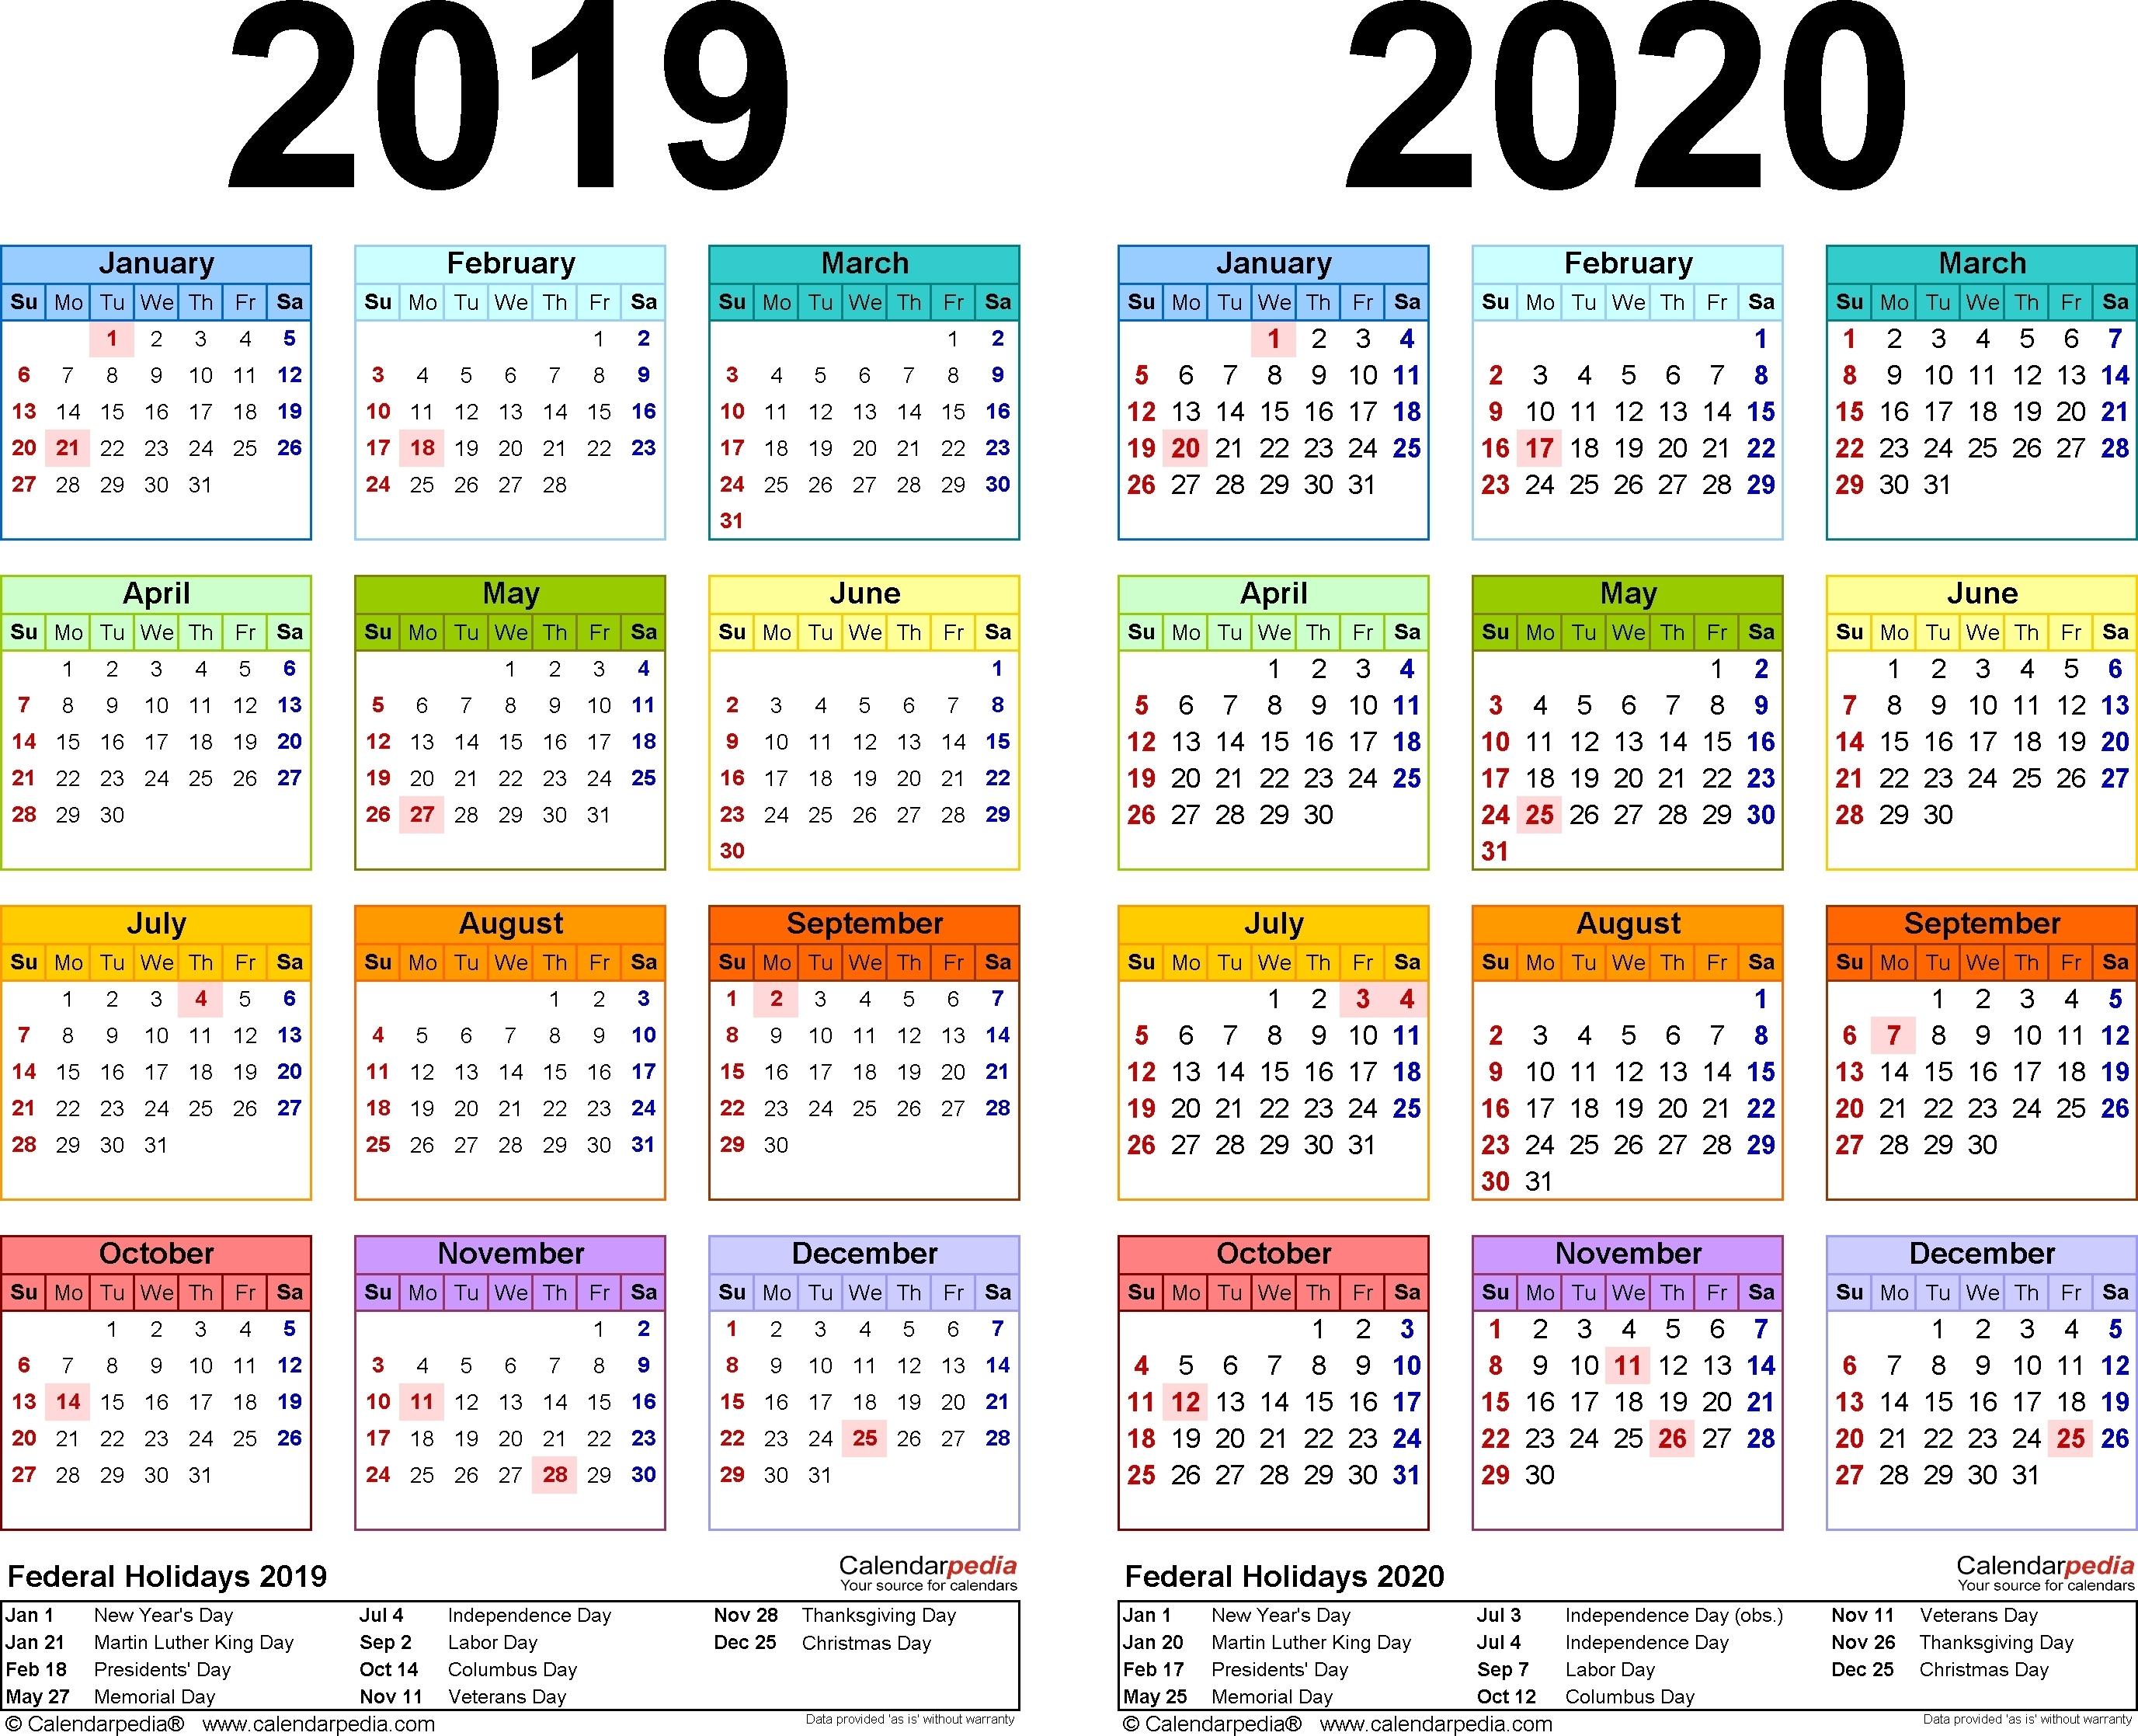 Hong Kong Calendar 2020 | Free Printable Calendar